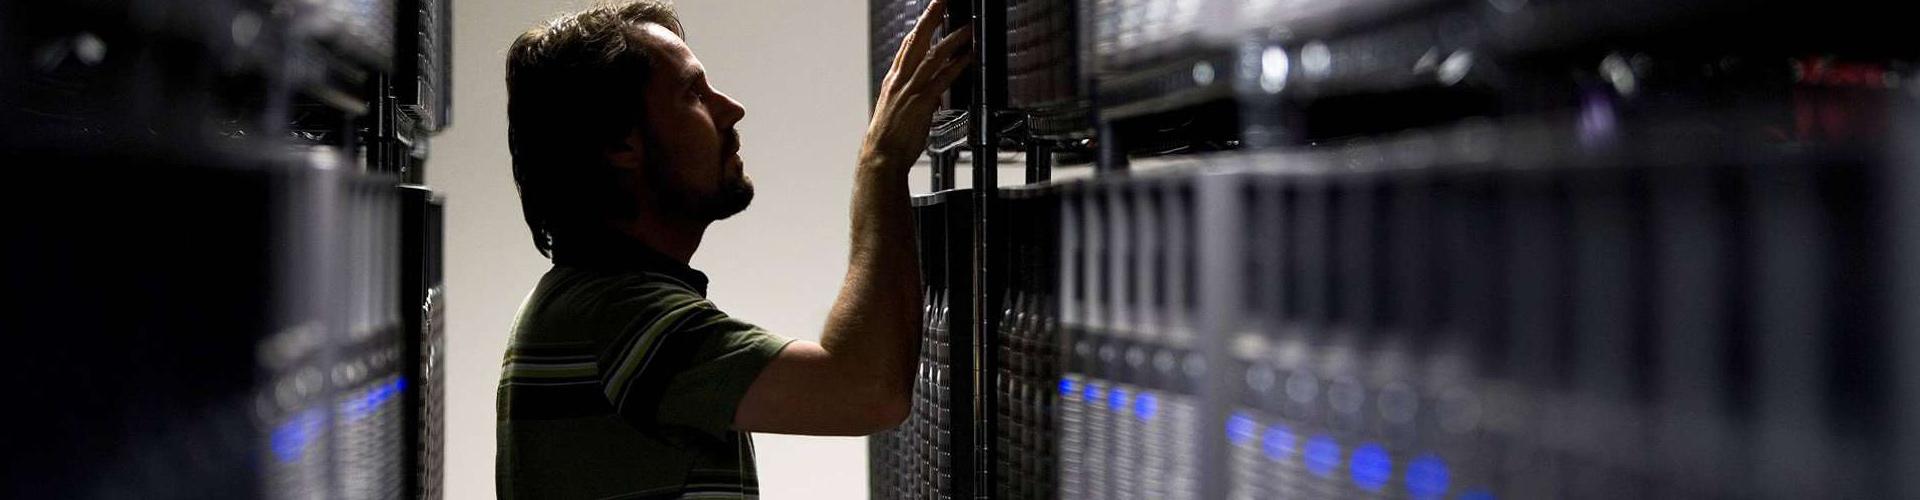 The best web hosting platform